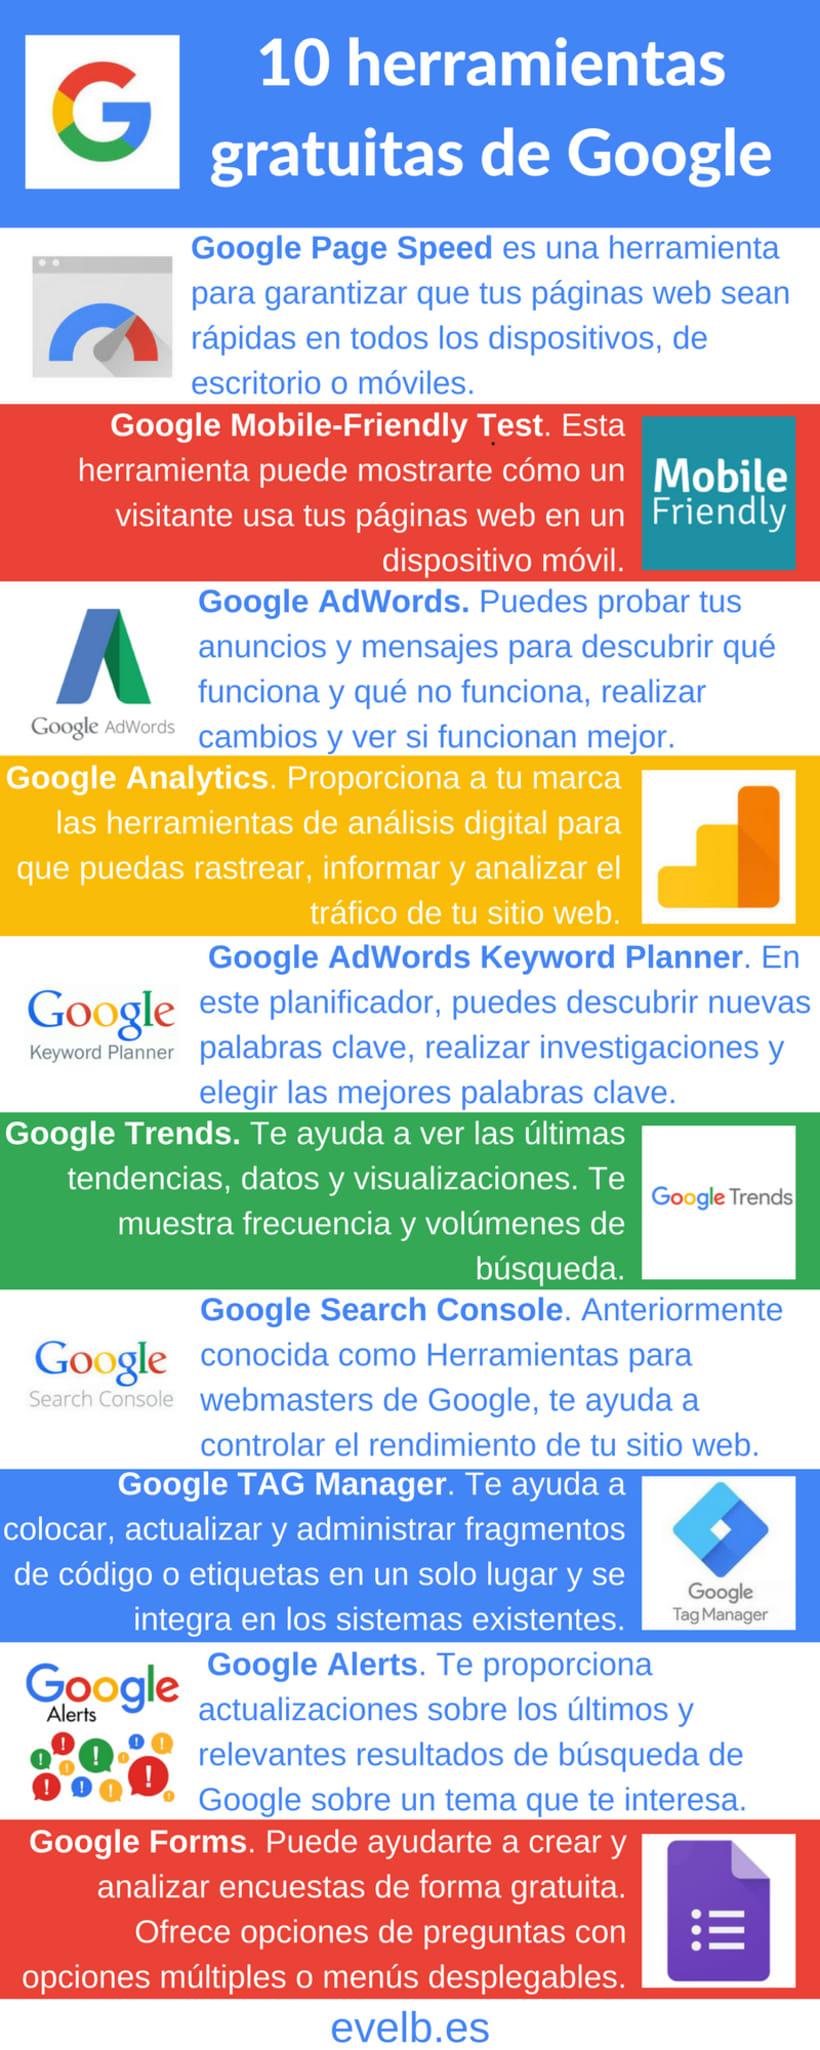 Infografías evelb.es 51